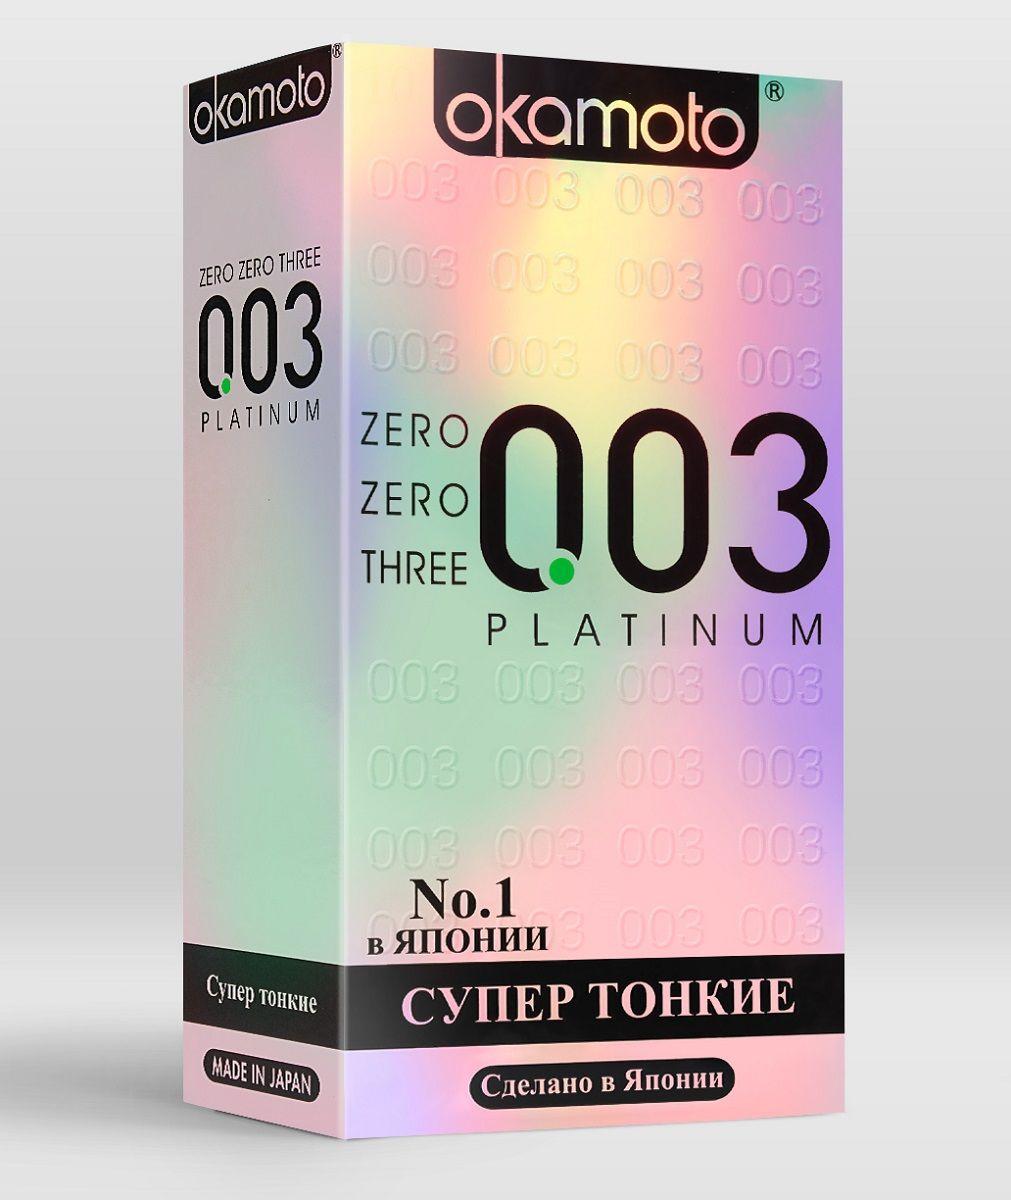 Фото Сверхтонкие и сверхчувствительные презервативы Okamoto 003 Platinum - 10 шт.